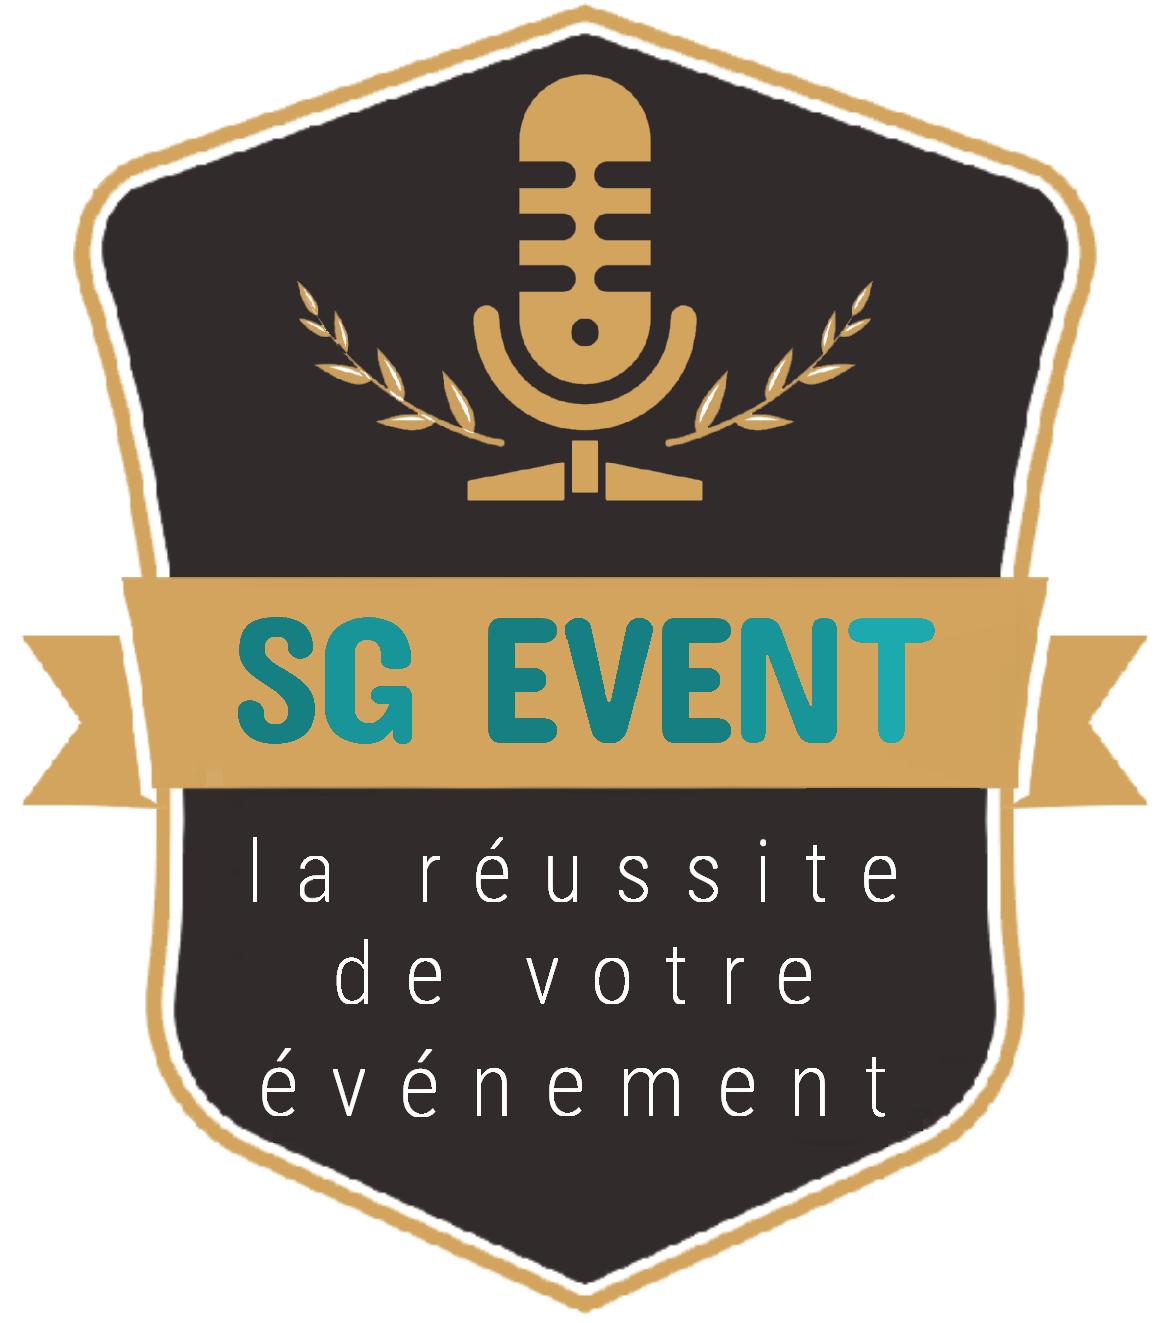 SG EVENT